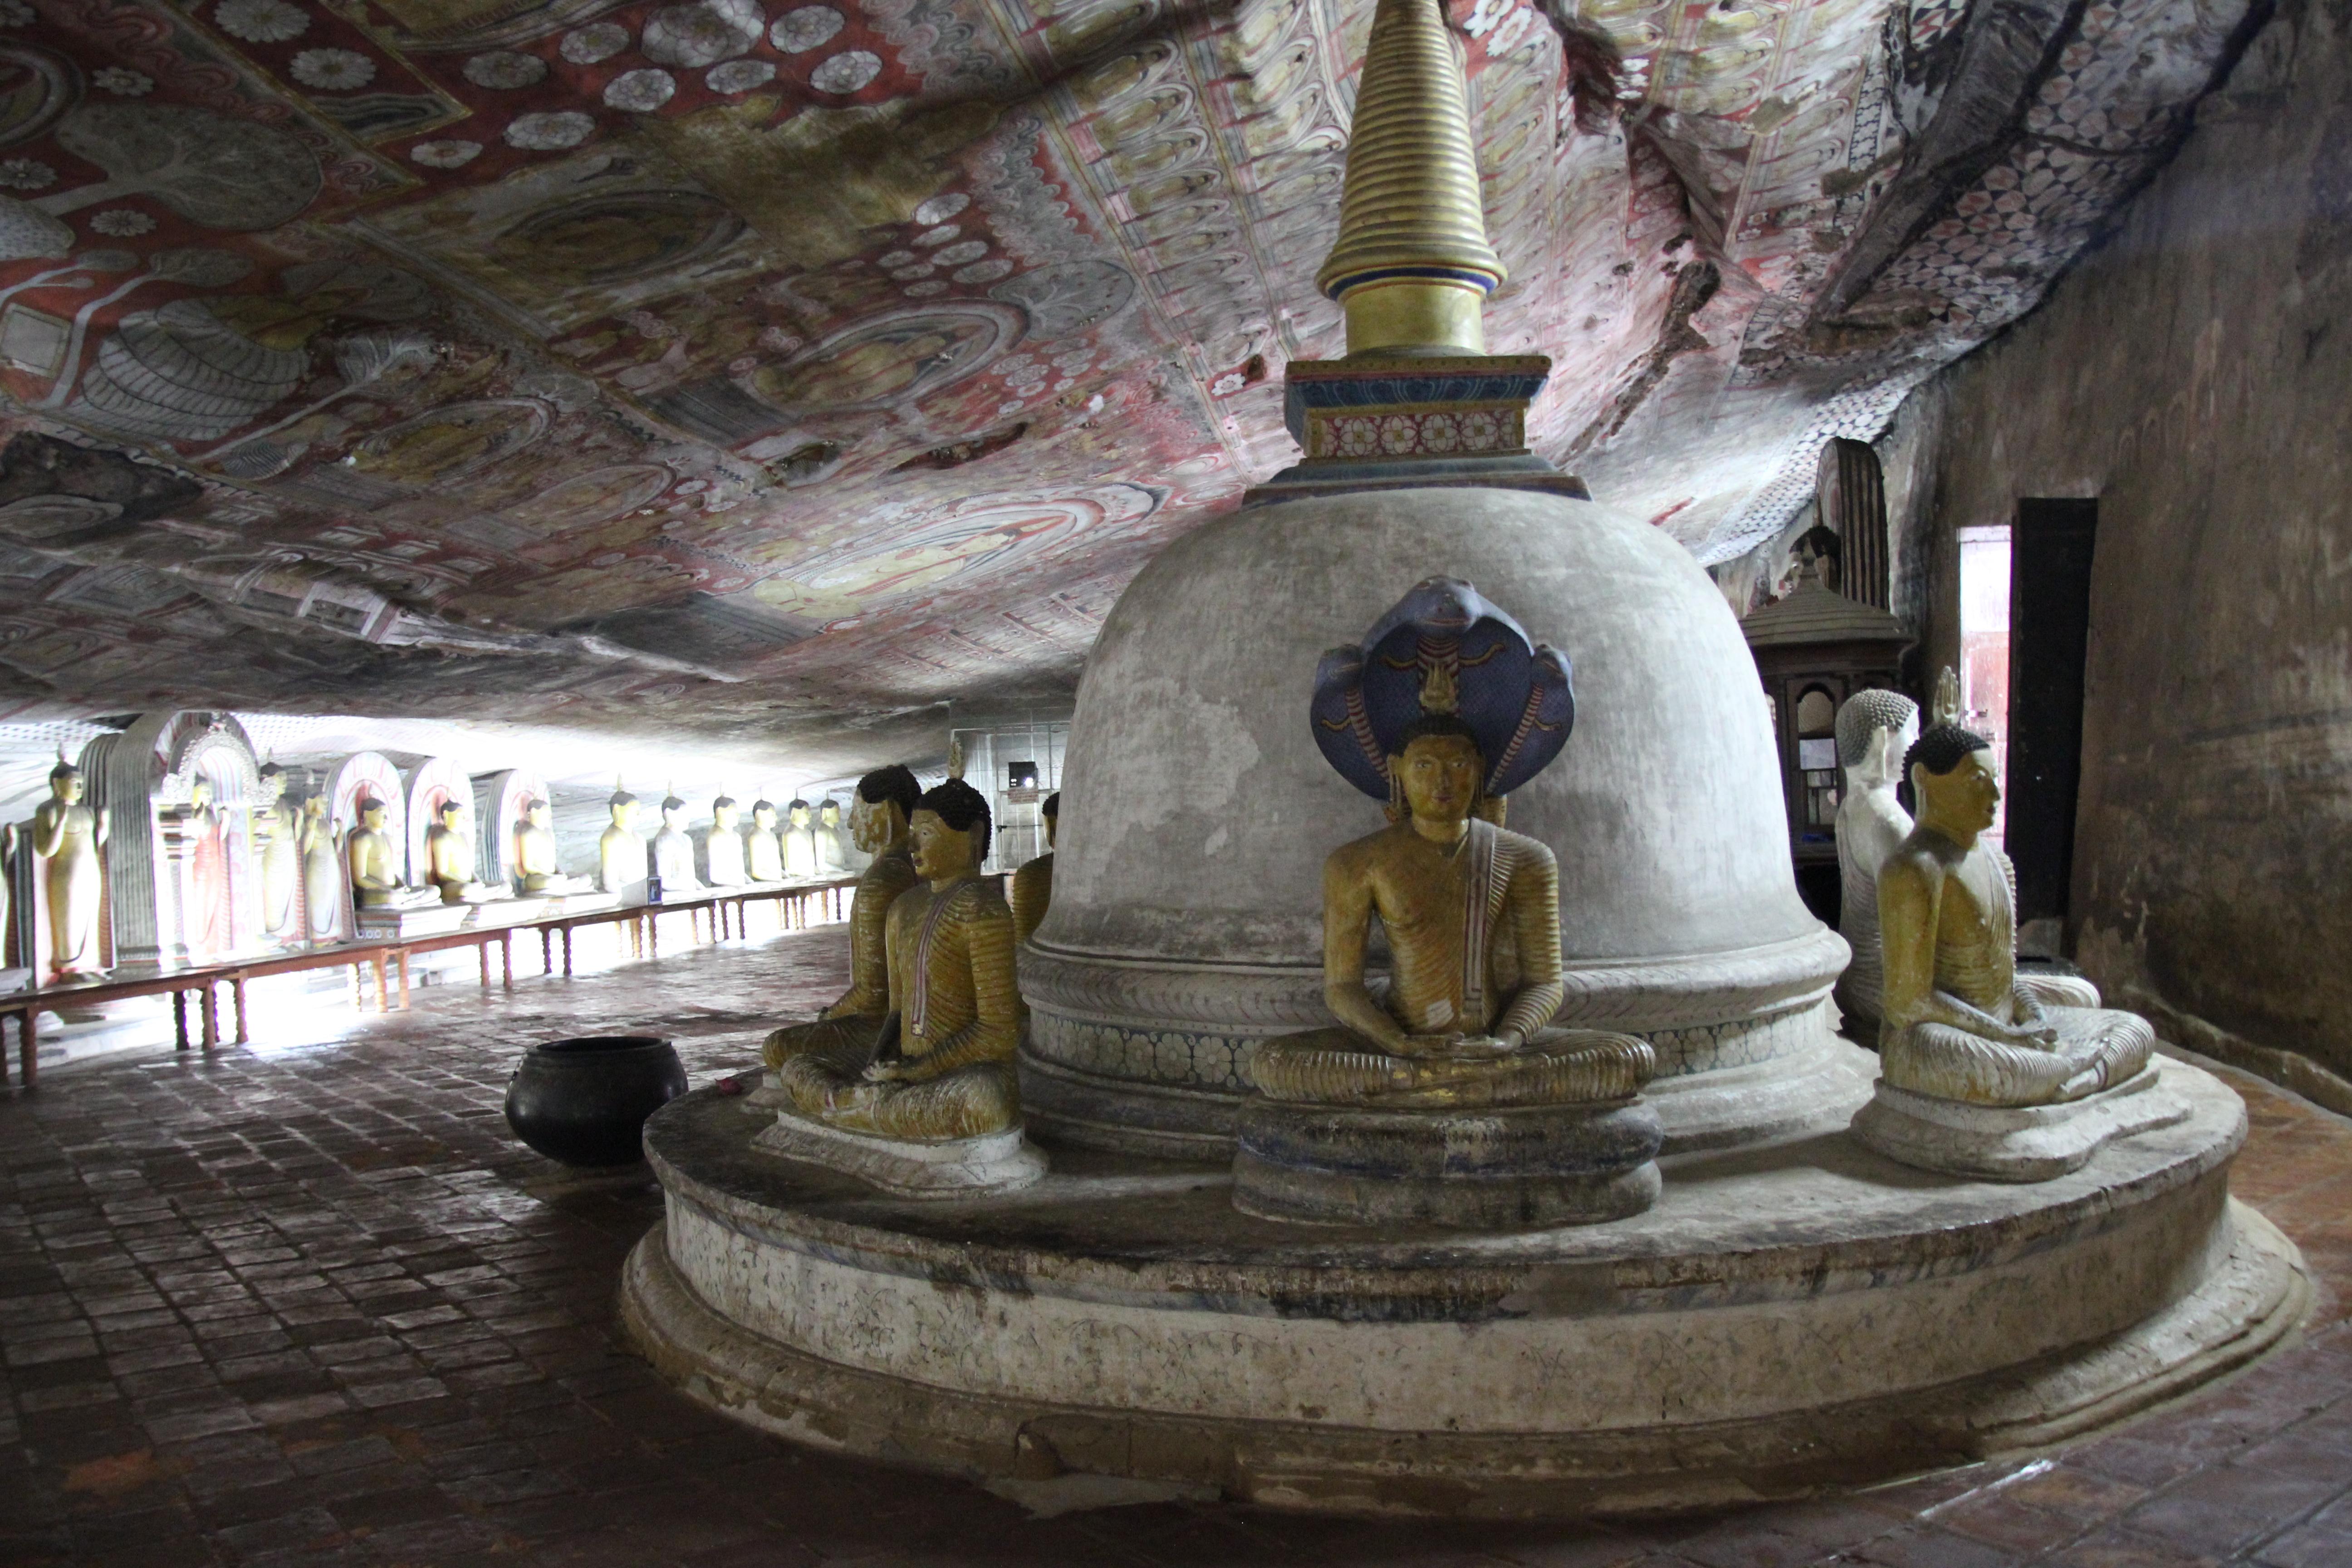 La segunda de las cuevas de Dambulla, impresionante.